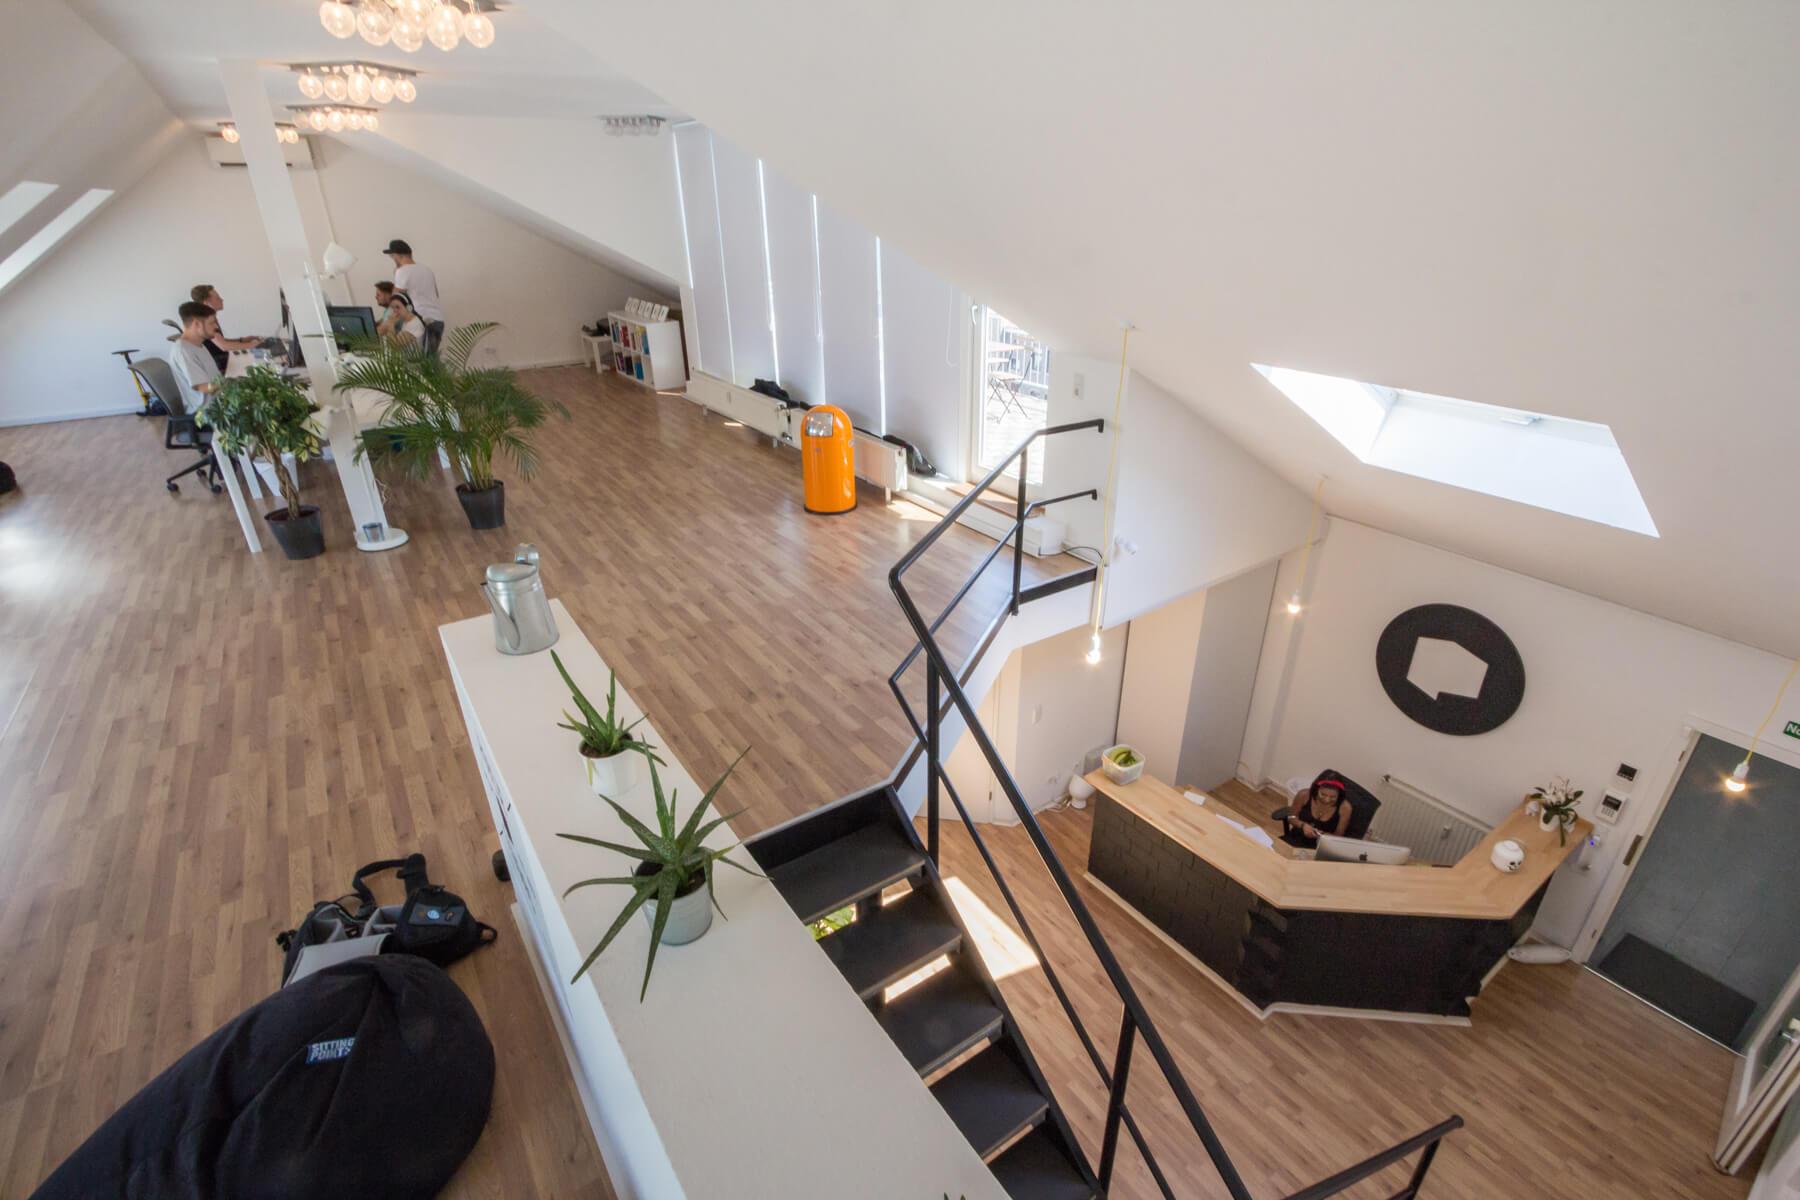 Digitale Leute - Alexander Kaiser - Pooliestudios - Für die Dachetage wurde erst kürzlich eine Klimaanlage spendiert, damit die Poolies auch arbeiten können.